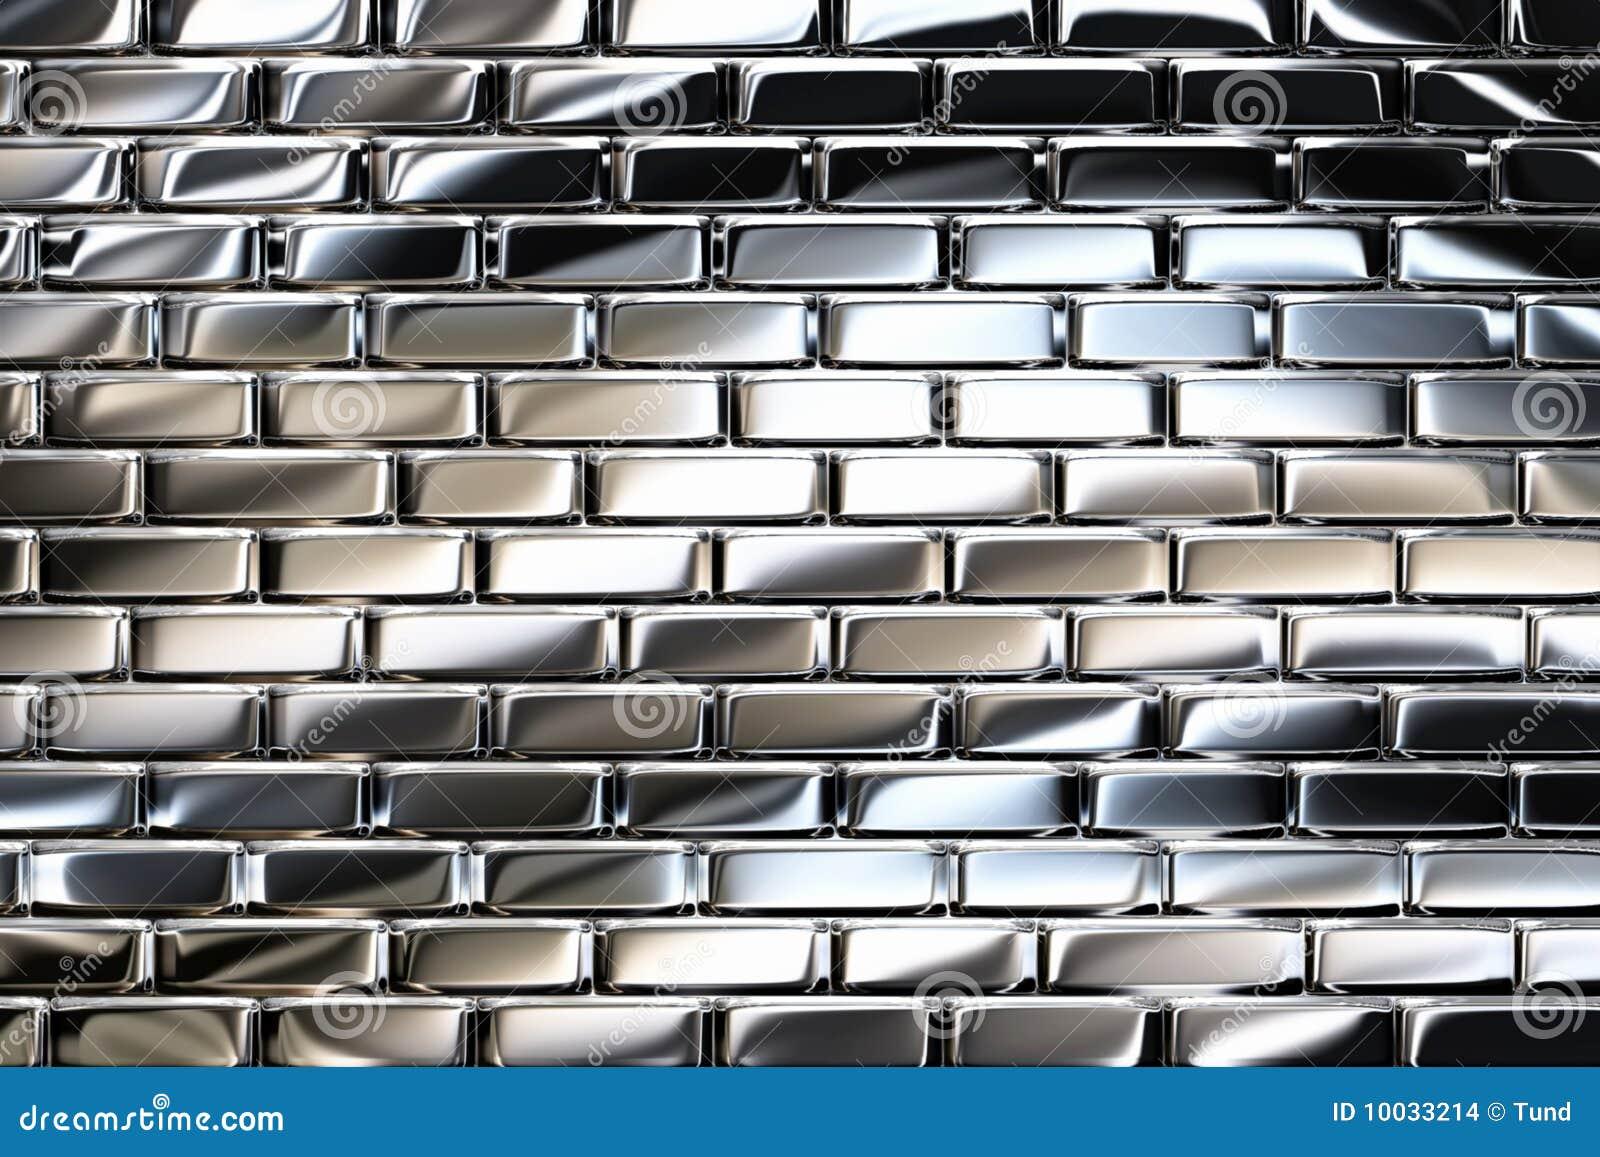 Briques en métal